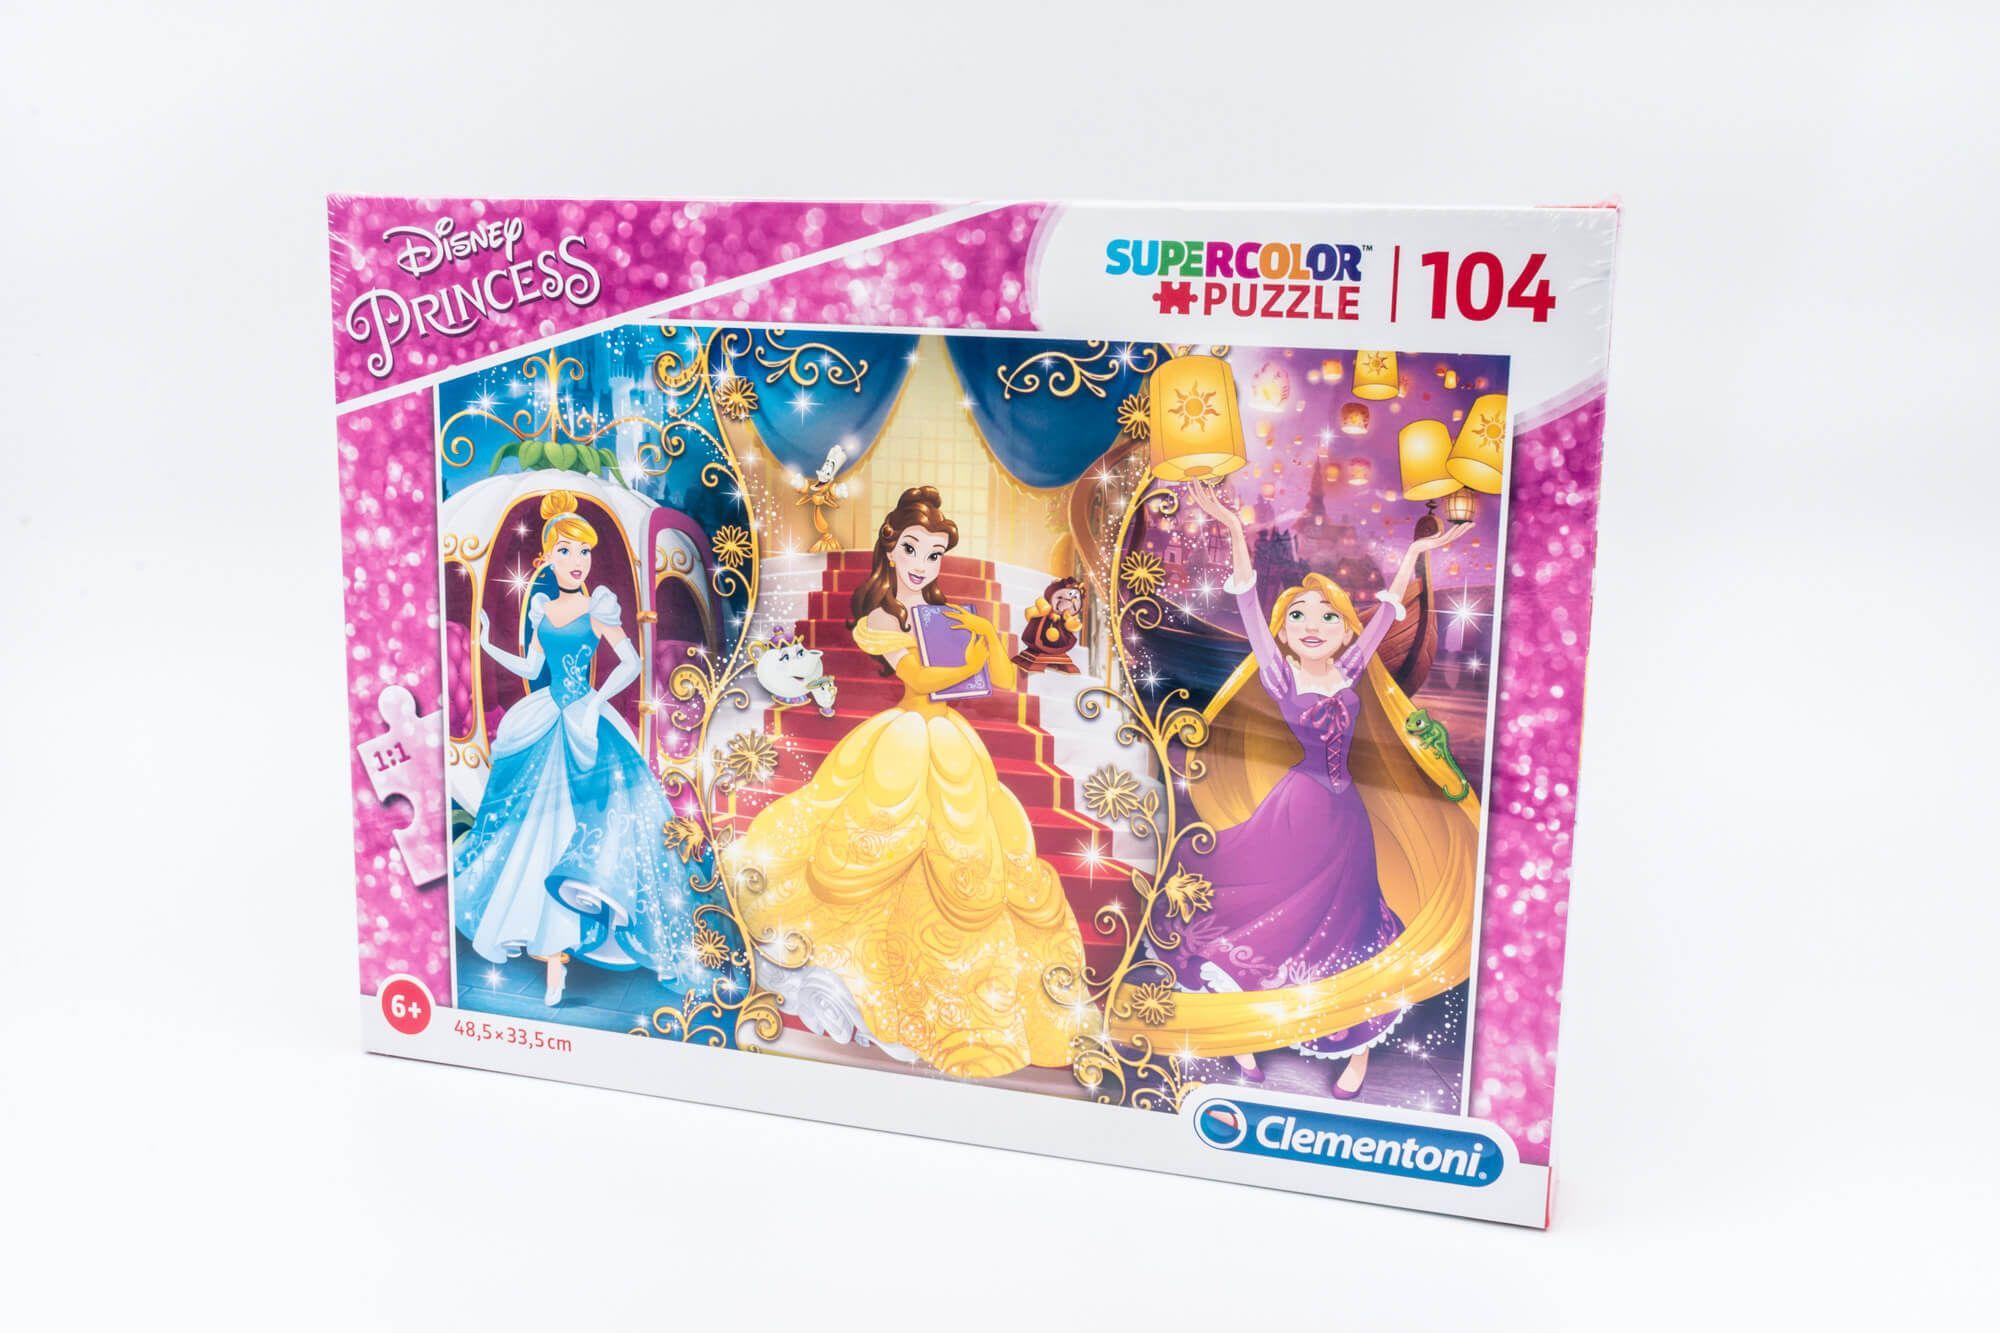 Clementoni Puzzle Princess 104